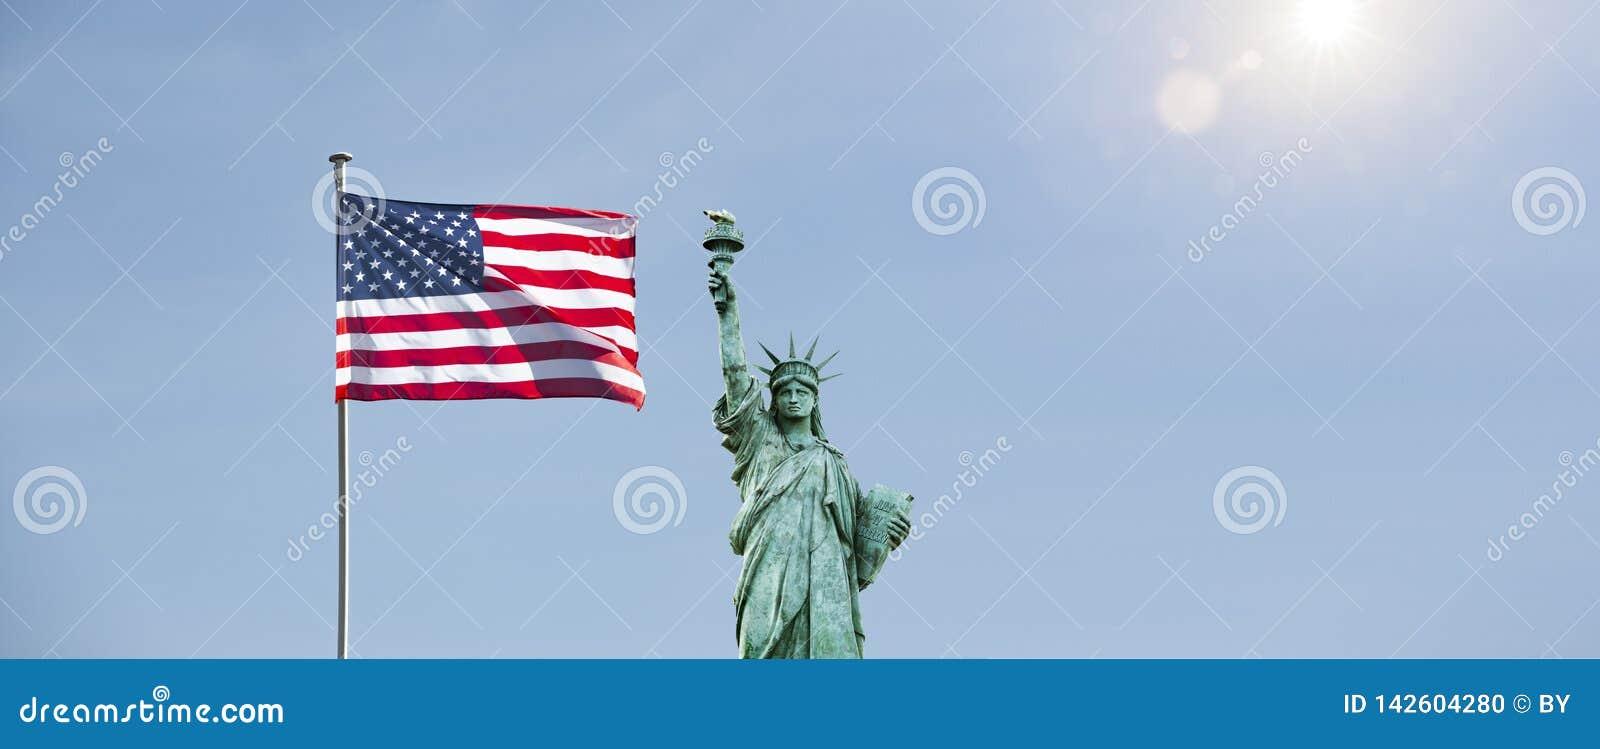 Drapeau américain avec la statue